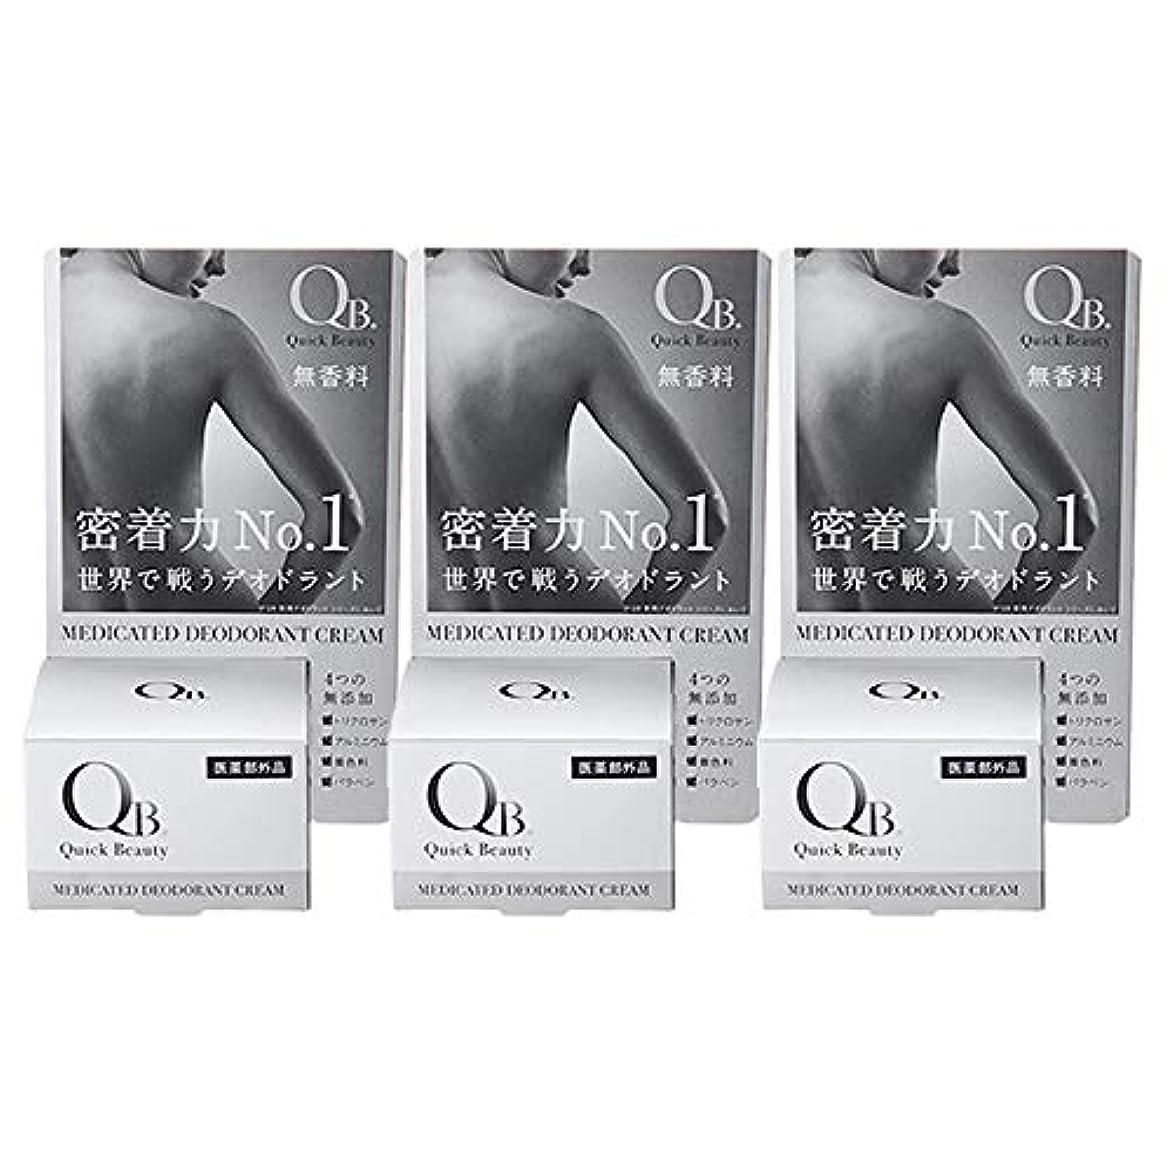 驚きログサドル【お得3個セット】QB 薬用デオドラントクリーム 30g